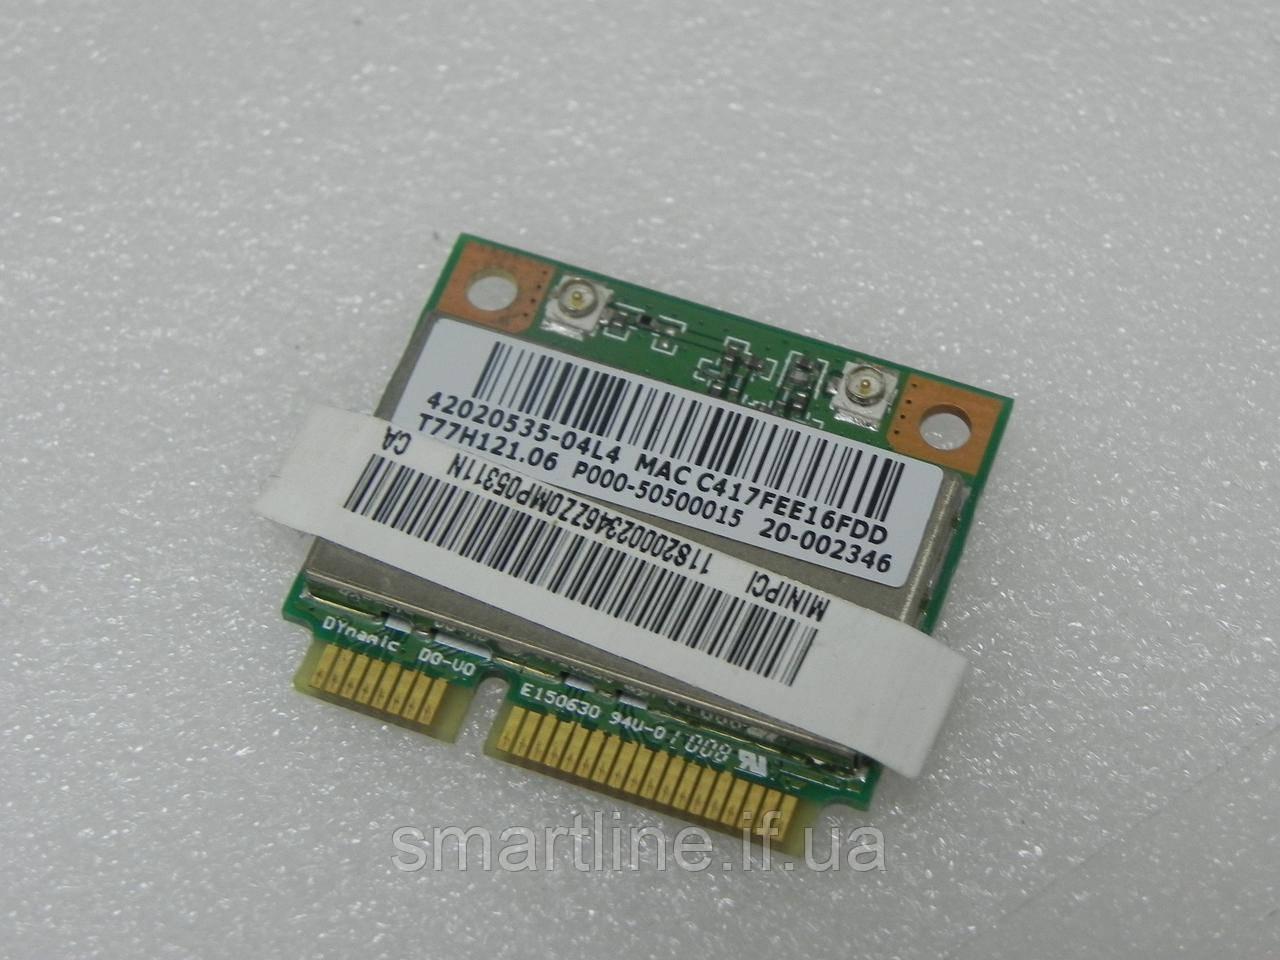 Адаптер wifi для ноутбука Anatel Atheros ATH-AR5B95 2